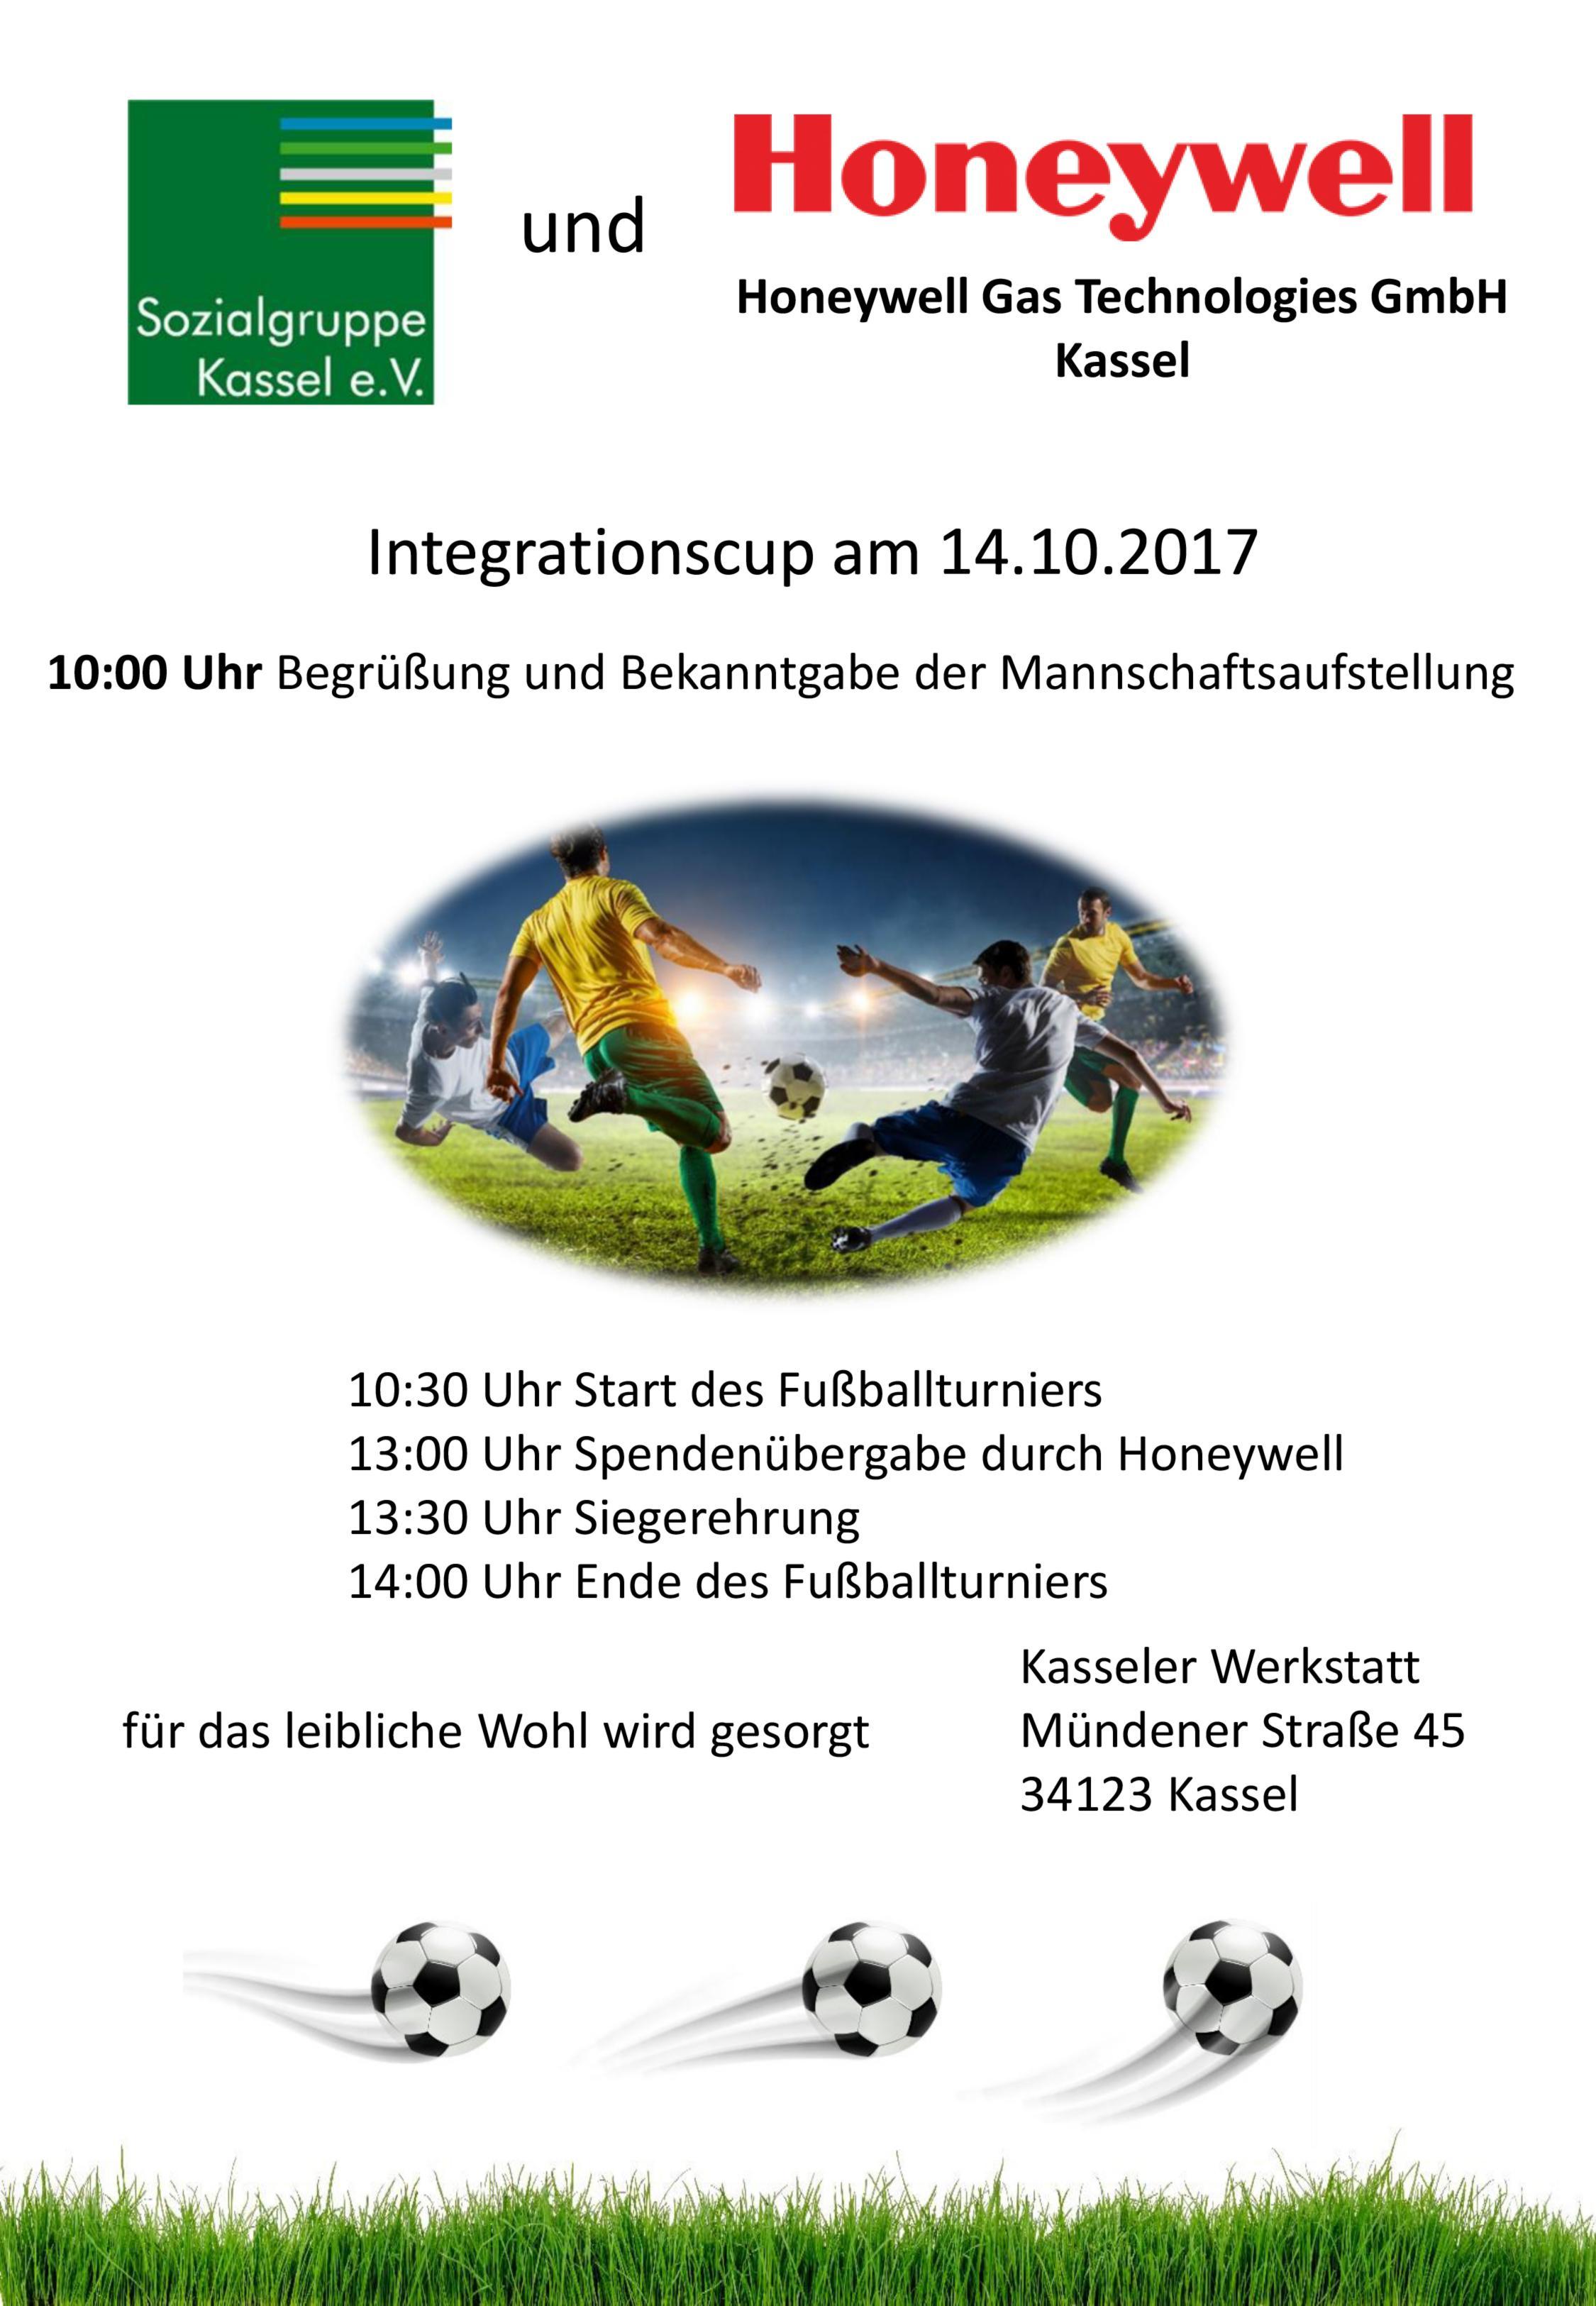 KSW_Flyer_Integrationscup_2017